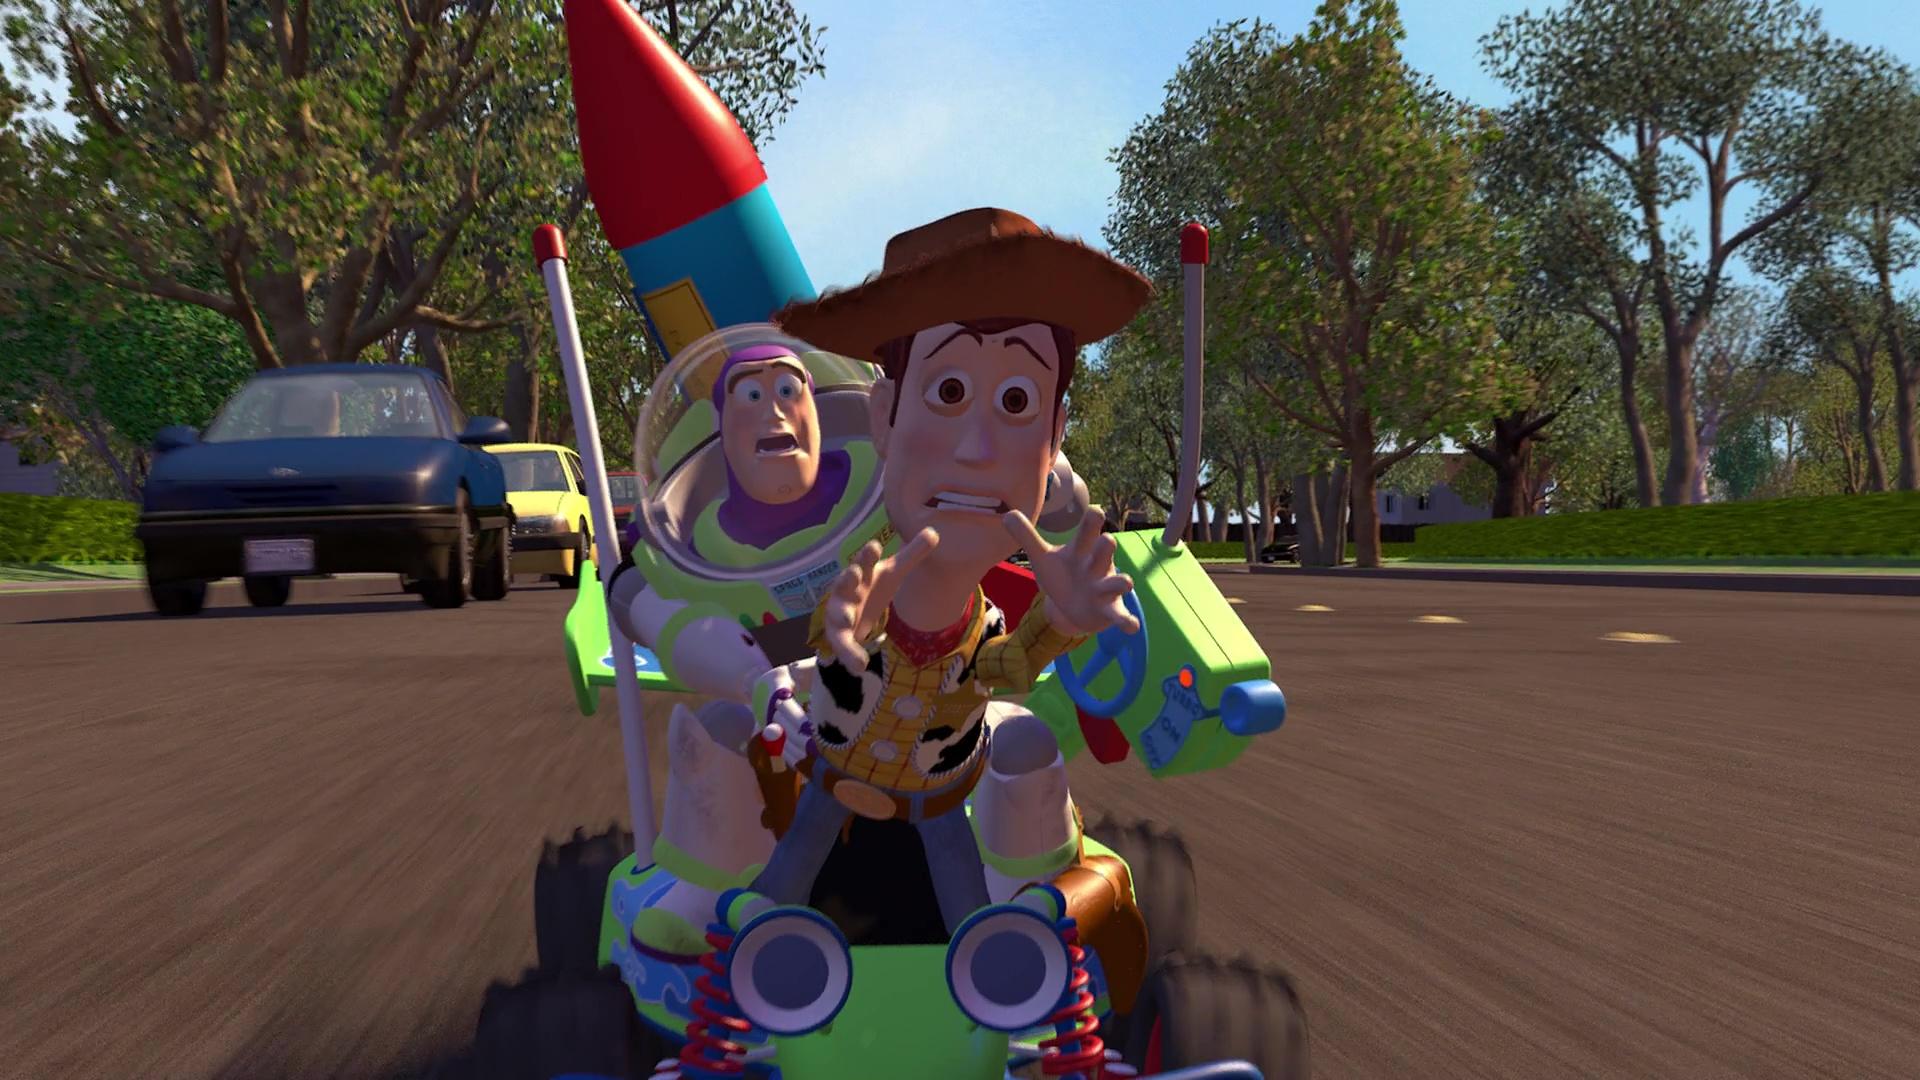 קובץ:Buzz-lightyear-woody-rc-toy-story.jpg